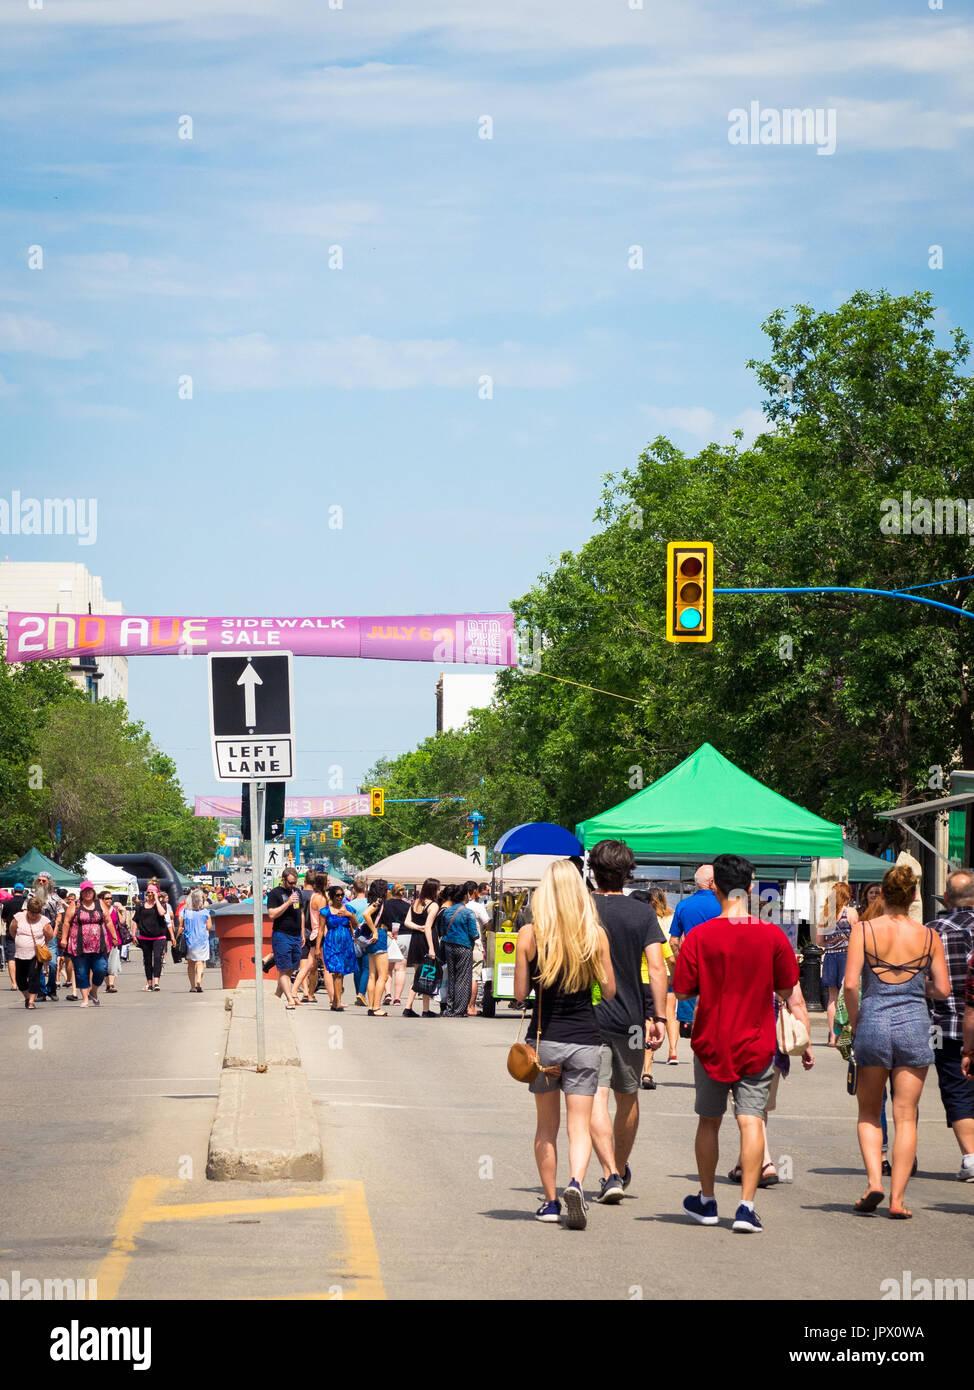 La 2ème Avenue vente-trottoir à Saskatoon, Saskatchewan, Canada. Une tradition de Saskatoon, la vente-trottoir a célébré son 41e anniversaire en 2017. Banque D'Images